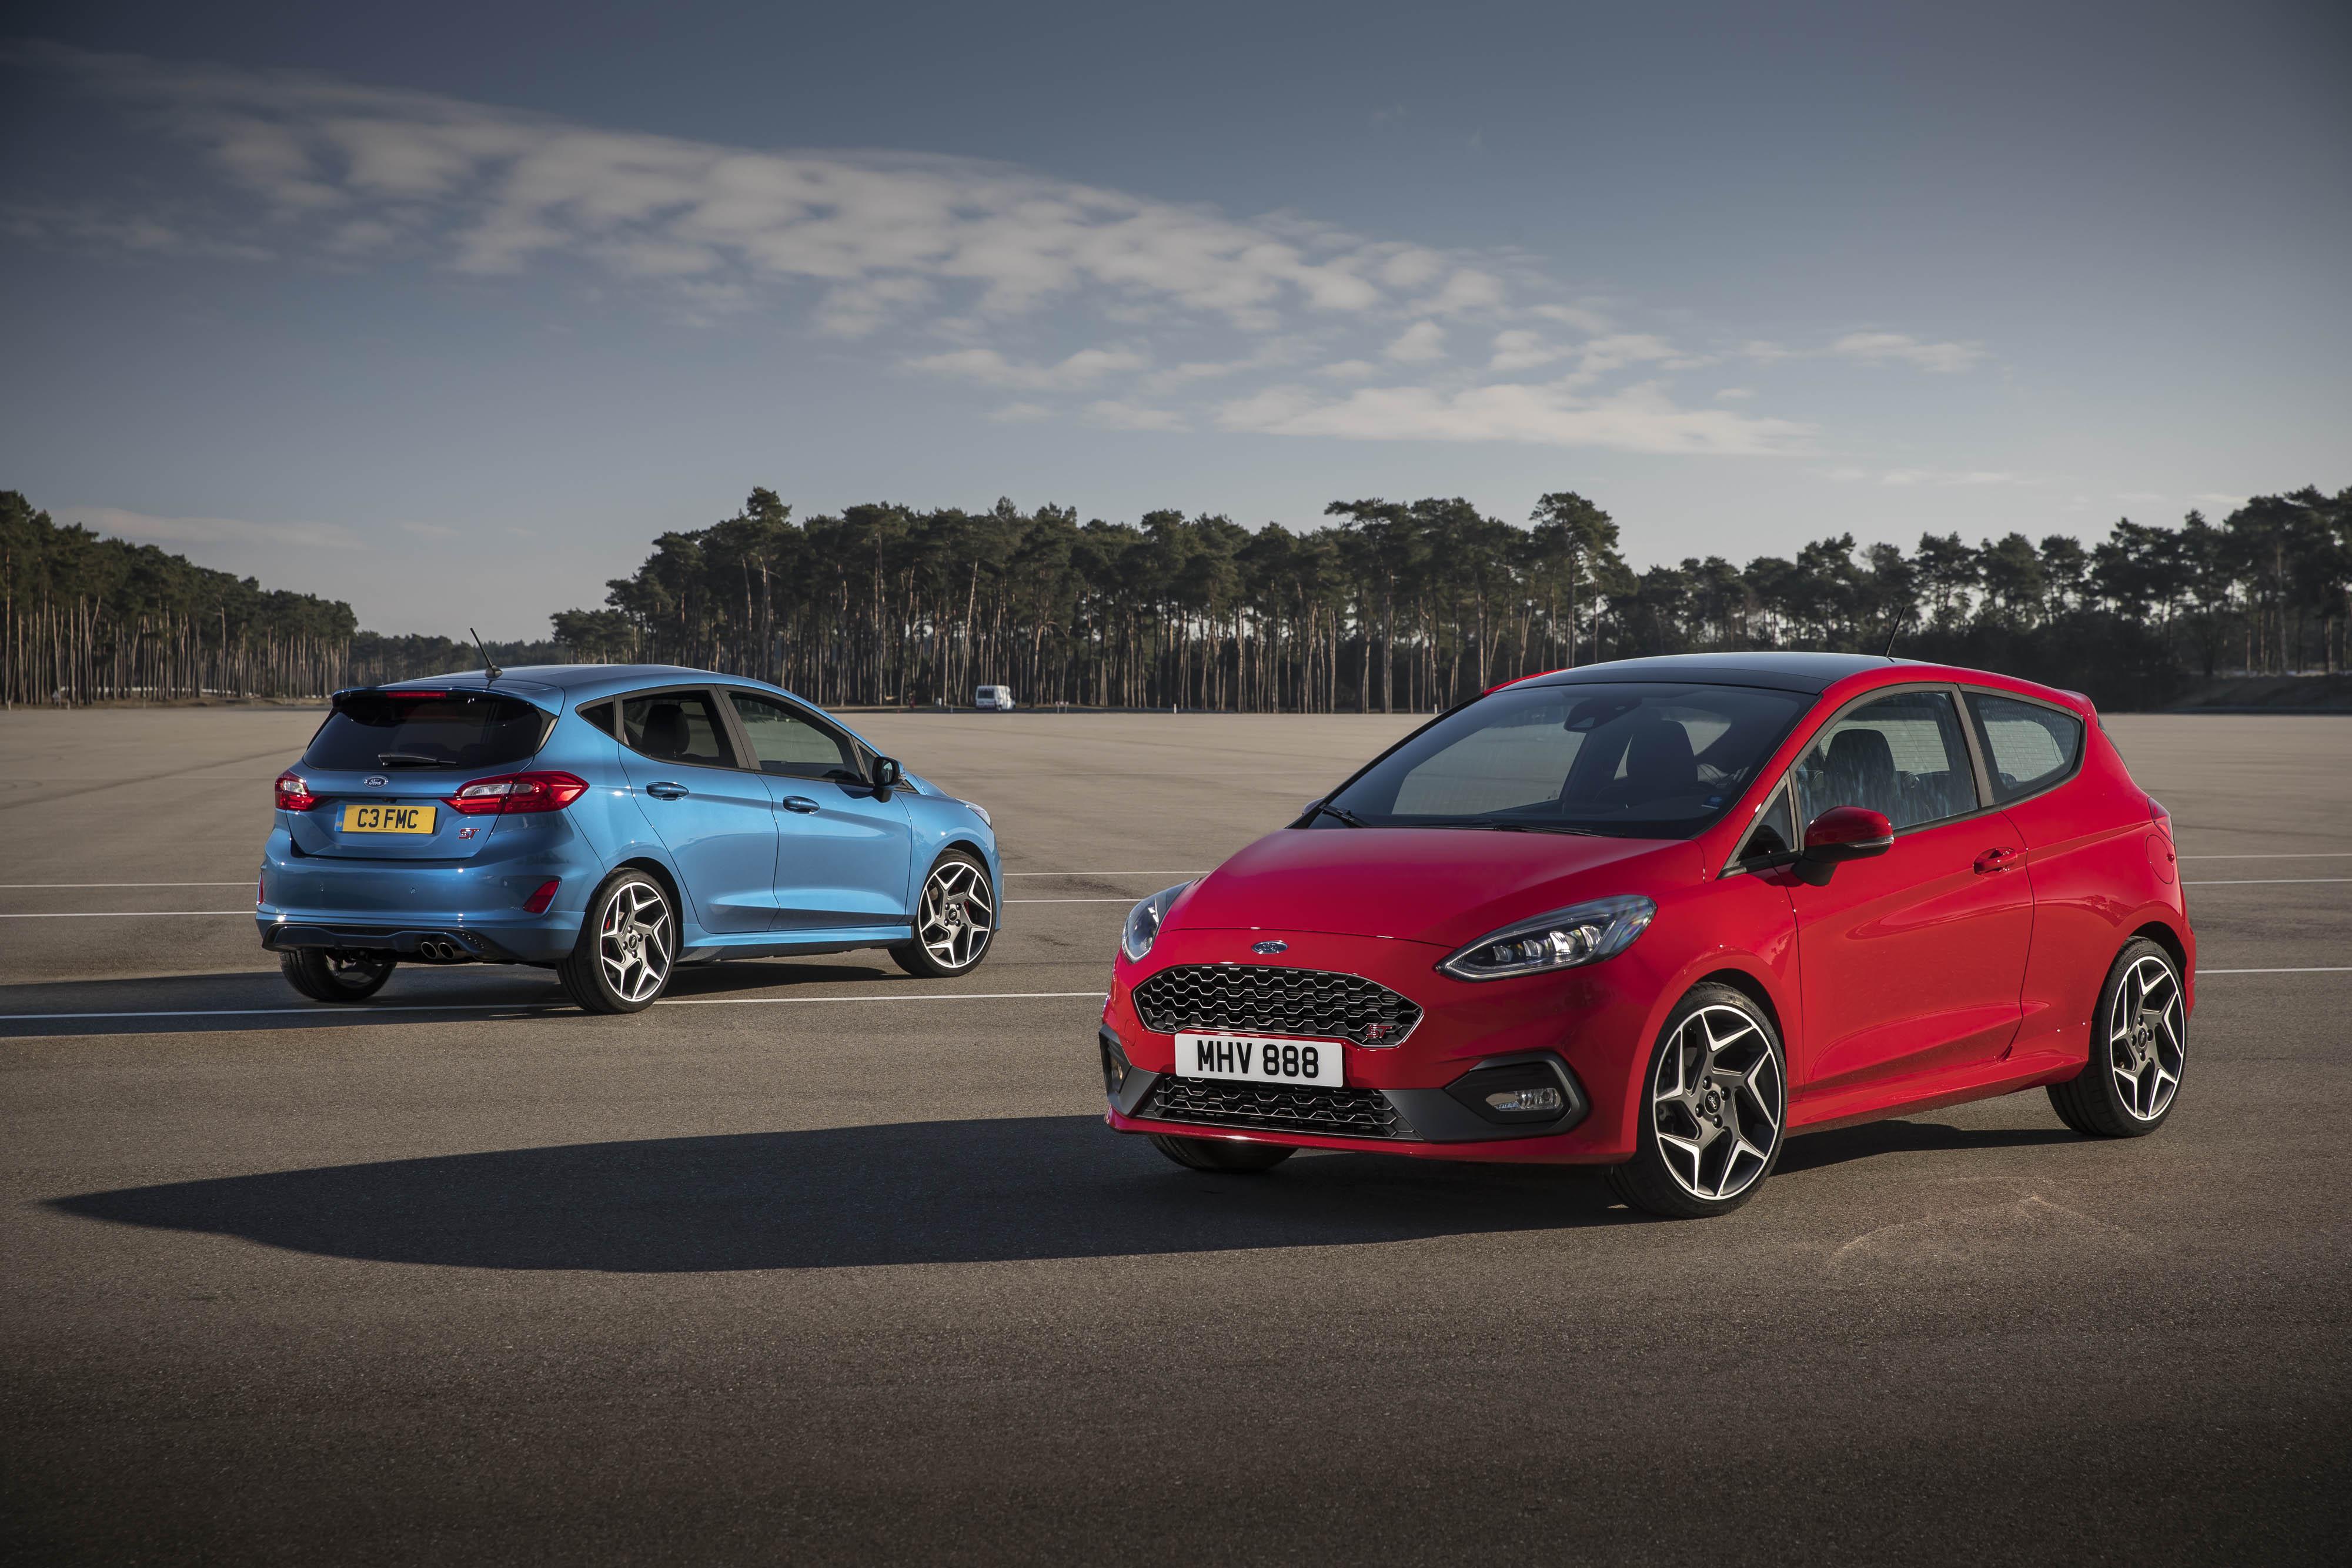 Ford раскрыл дополнительные подробности о новом Fiesta ST